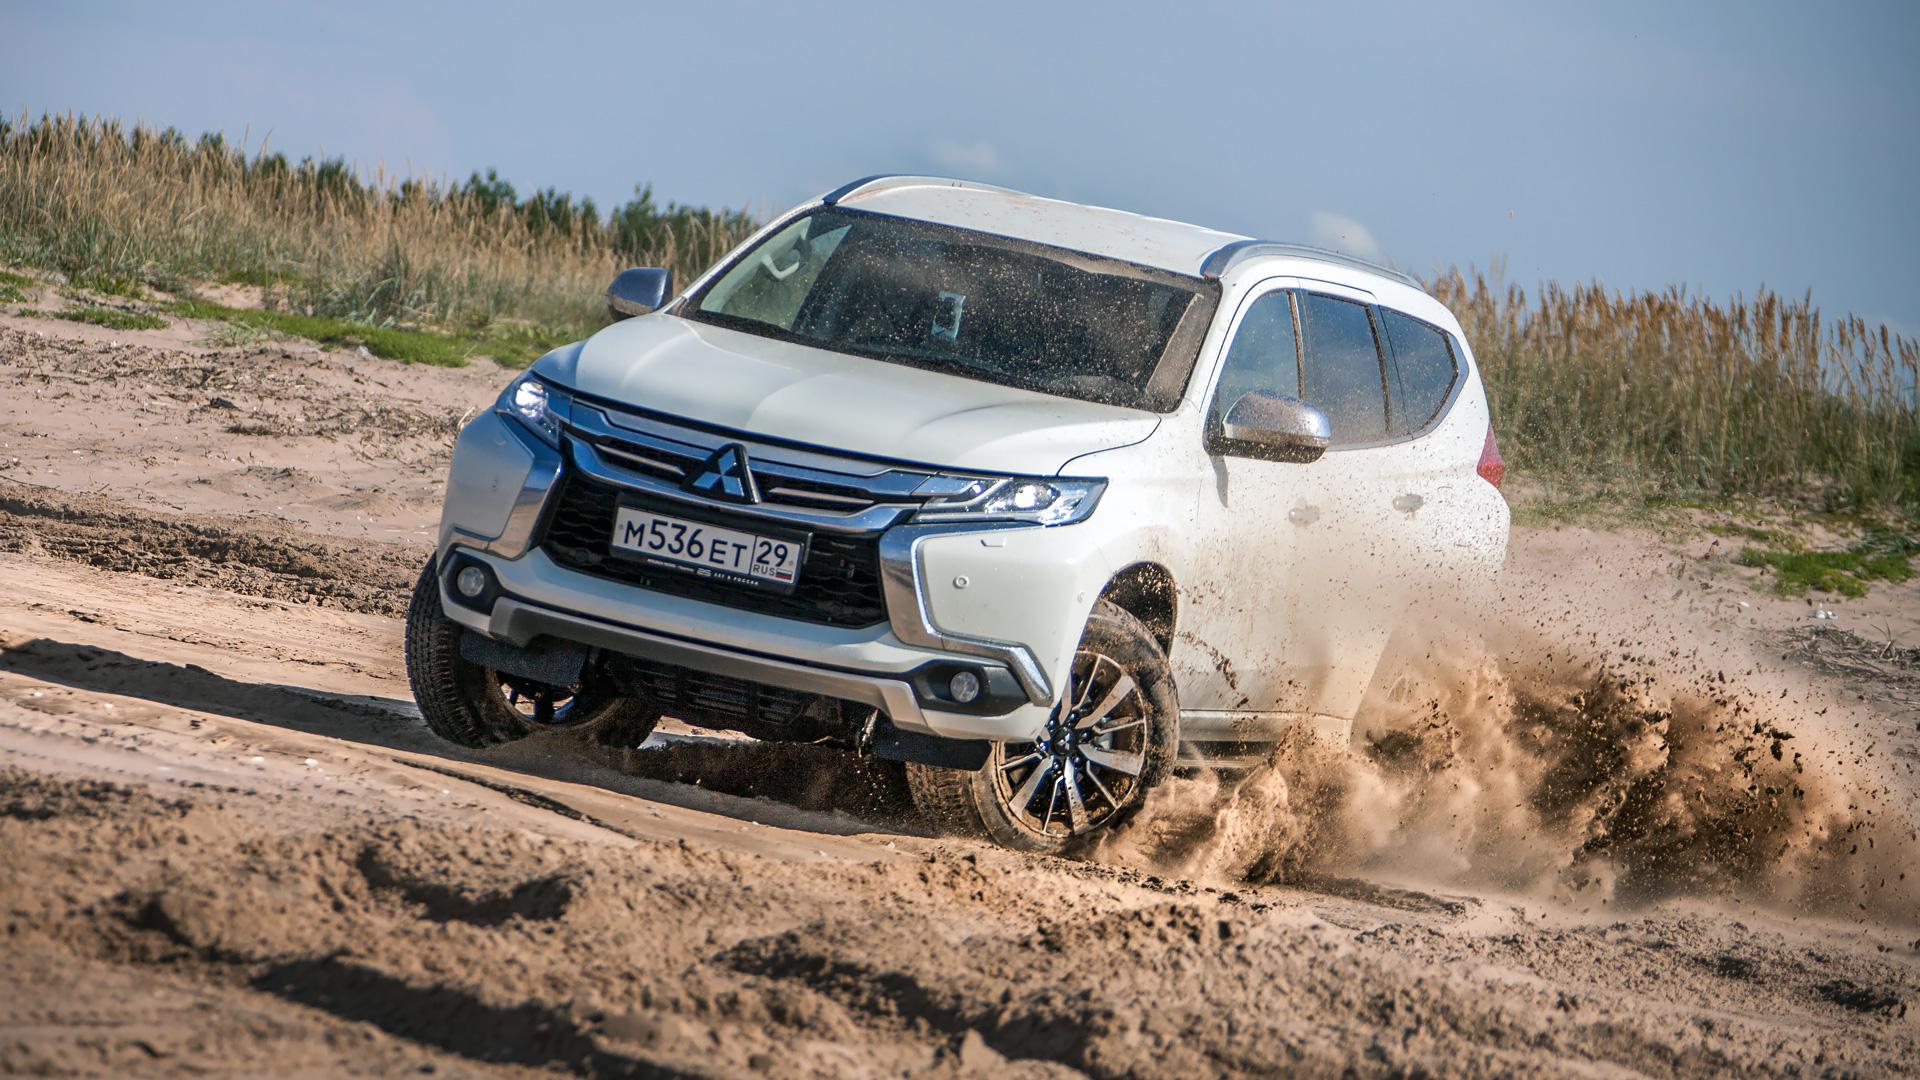 Сохранилли новый Mitsubishi Pajero Sport свою суровость и страшноли нанем заезжать вглушь. Фото 3